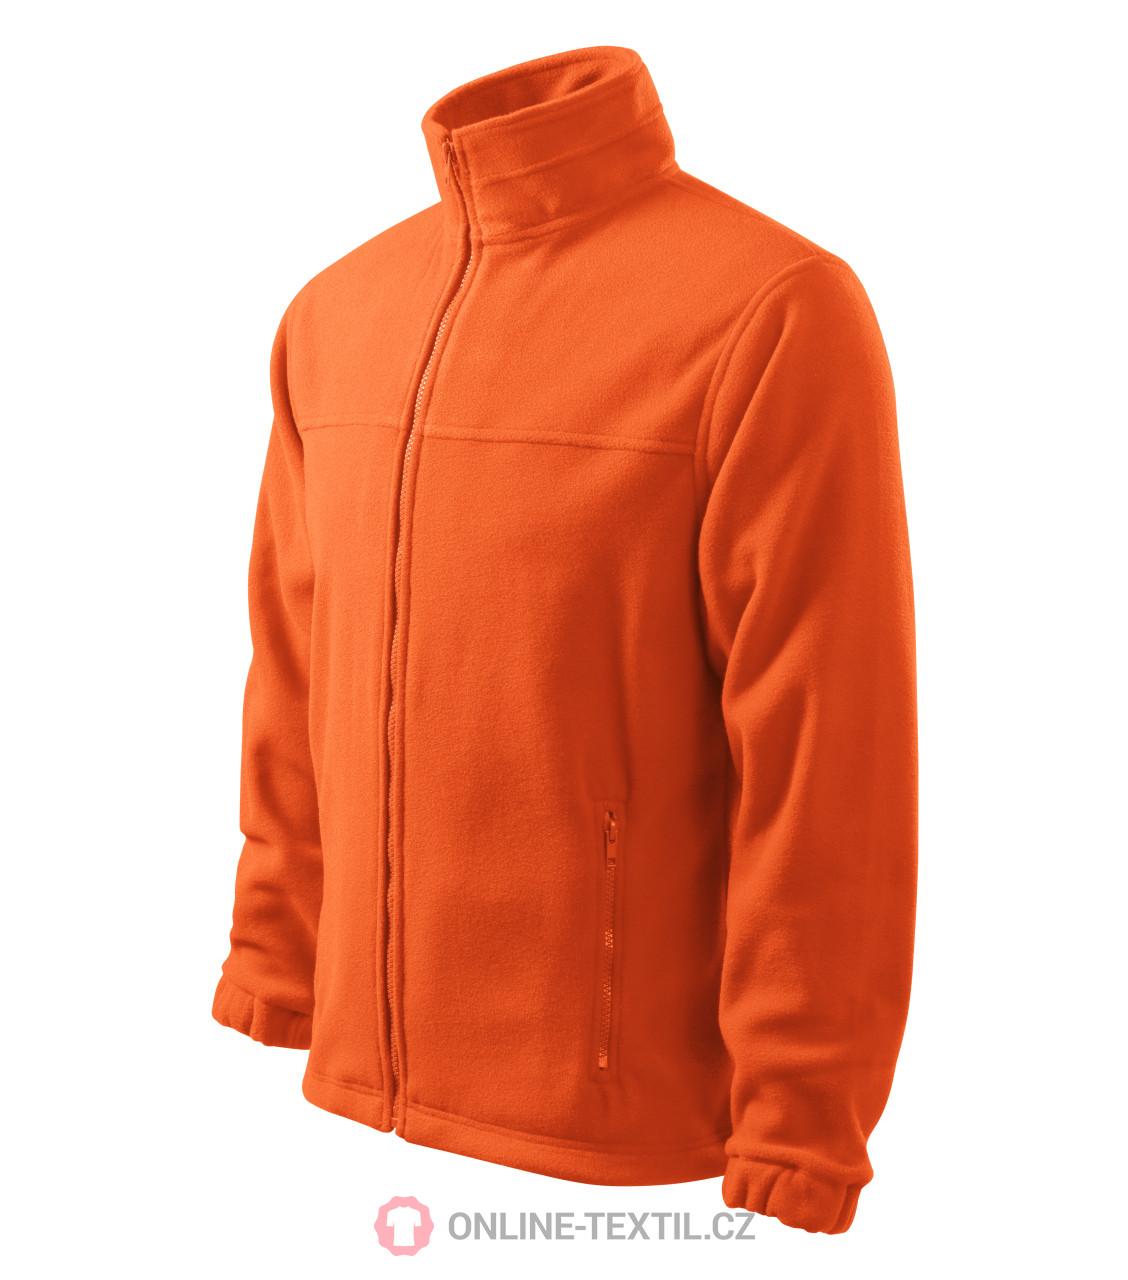 ADLER CZECH Pánská fleece bunda mikina Fleece Jacket 501 - oranžová ... 18df35268b